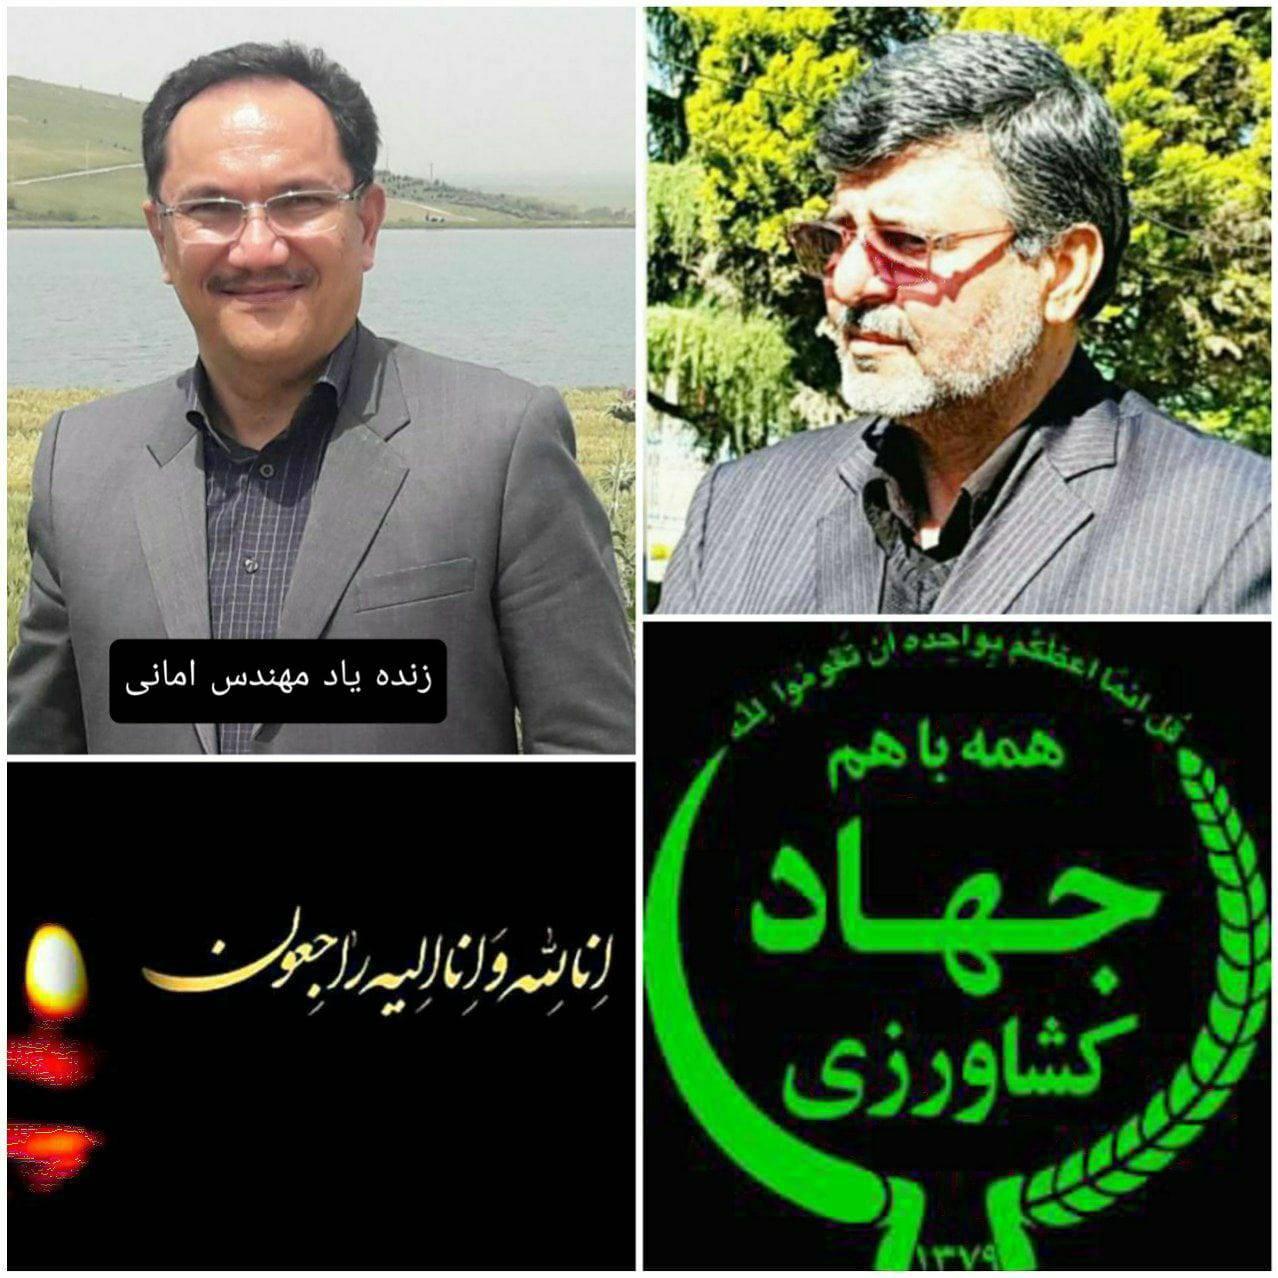 مختار مهاجر و دکتر فاضل باید پاسخگو و شرمنده مردم استان گلستان و پرسنل سازمان جهاد باشند+سند